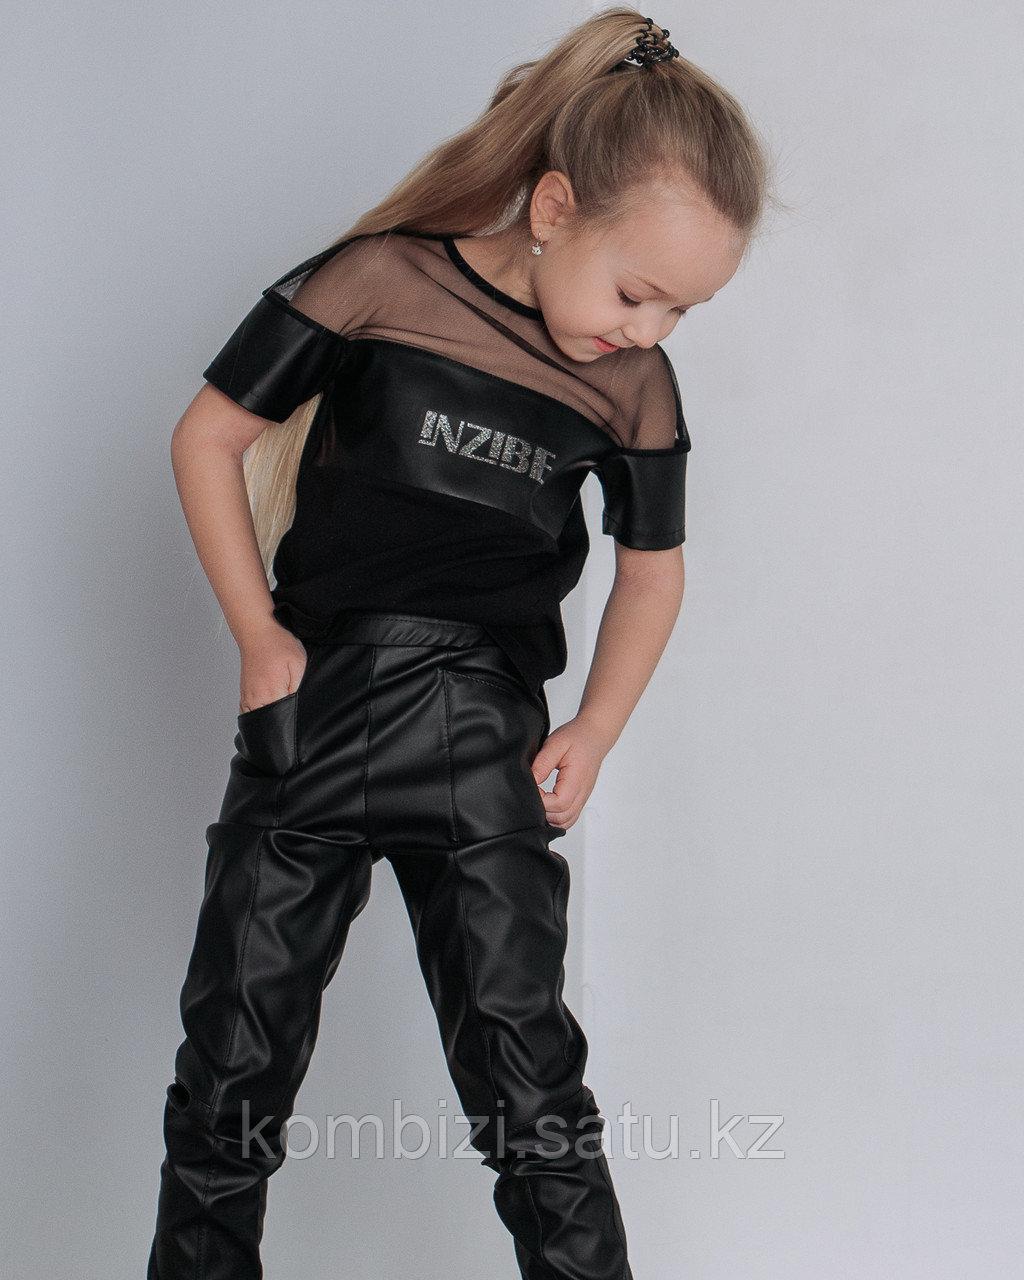 Штаны из экокожи FOR KIDS, черные - фото 2